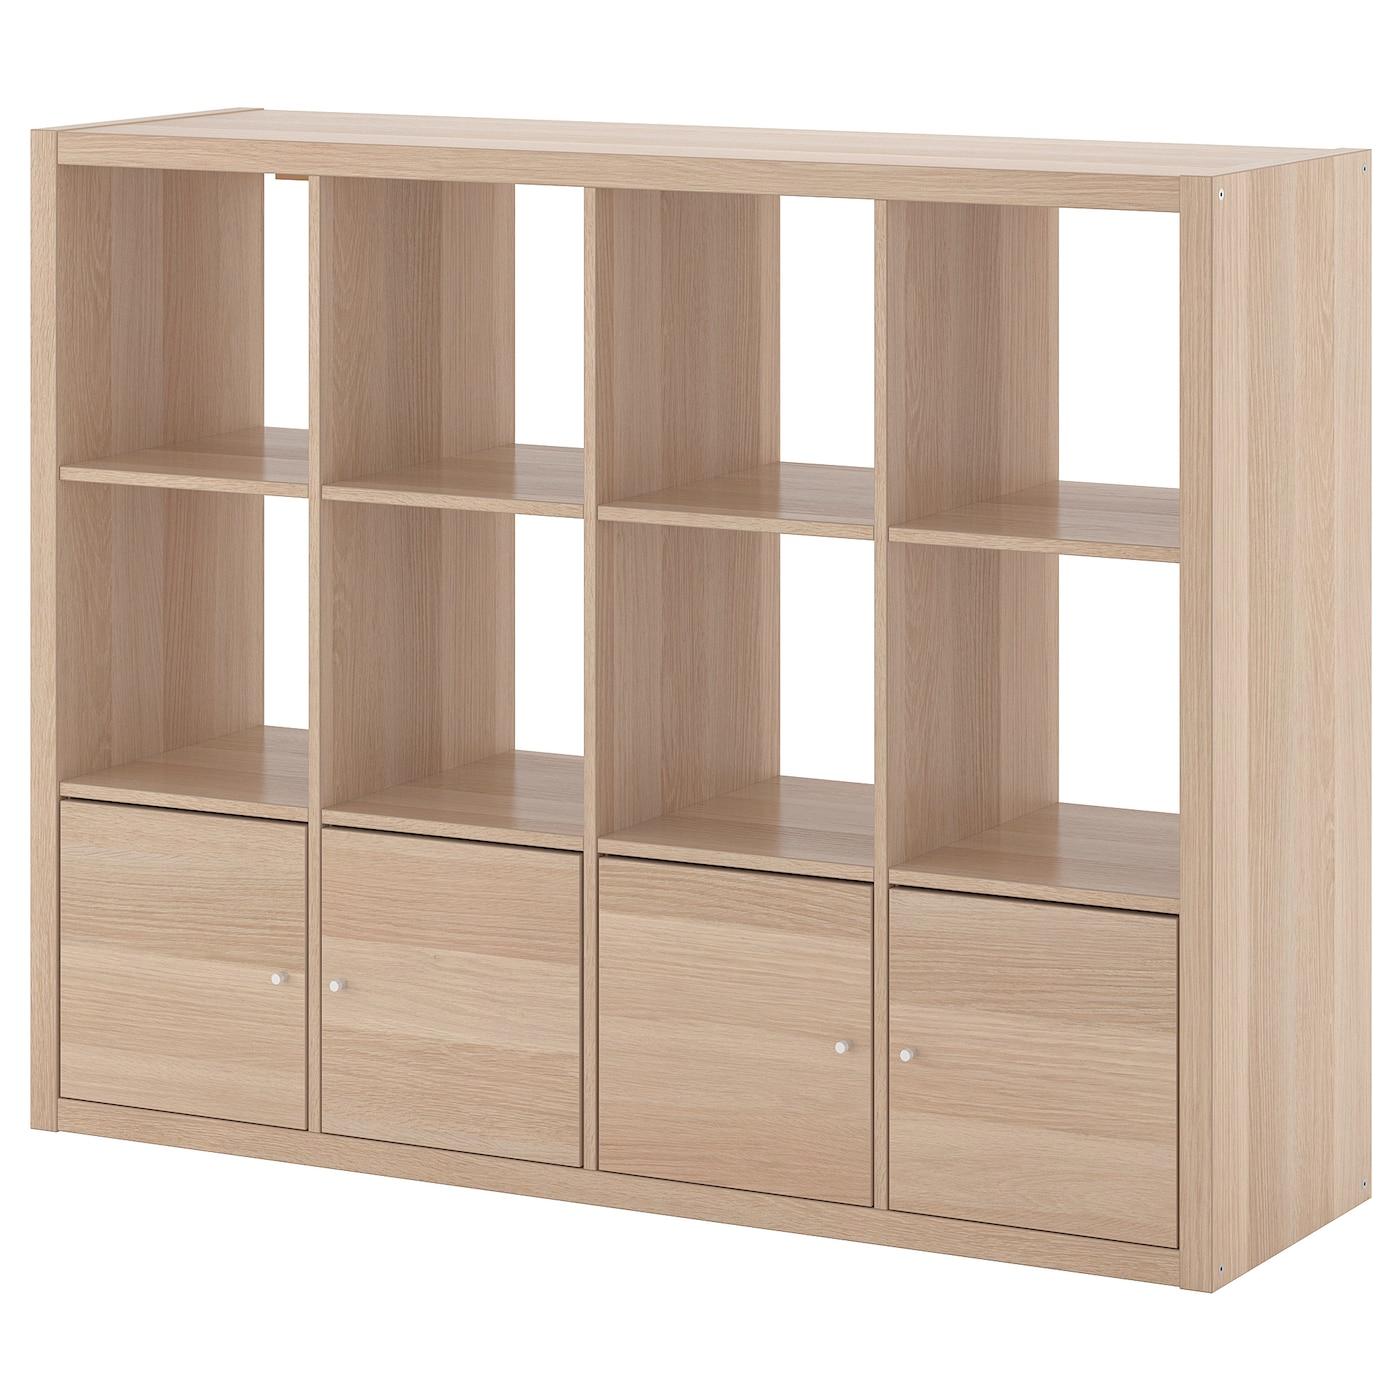 KALLAX Regal mit 10 Einsätzen Eicheneff wlas IKEA